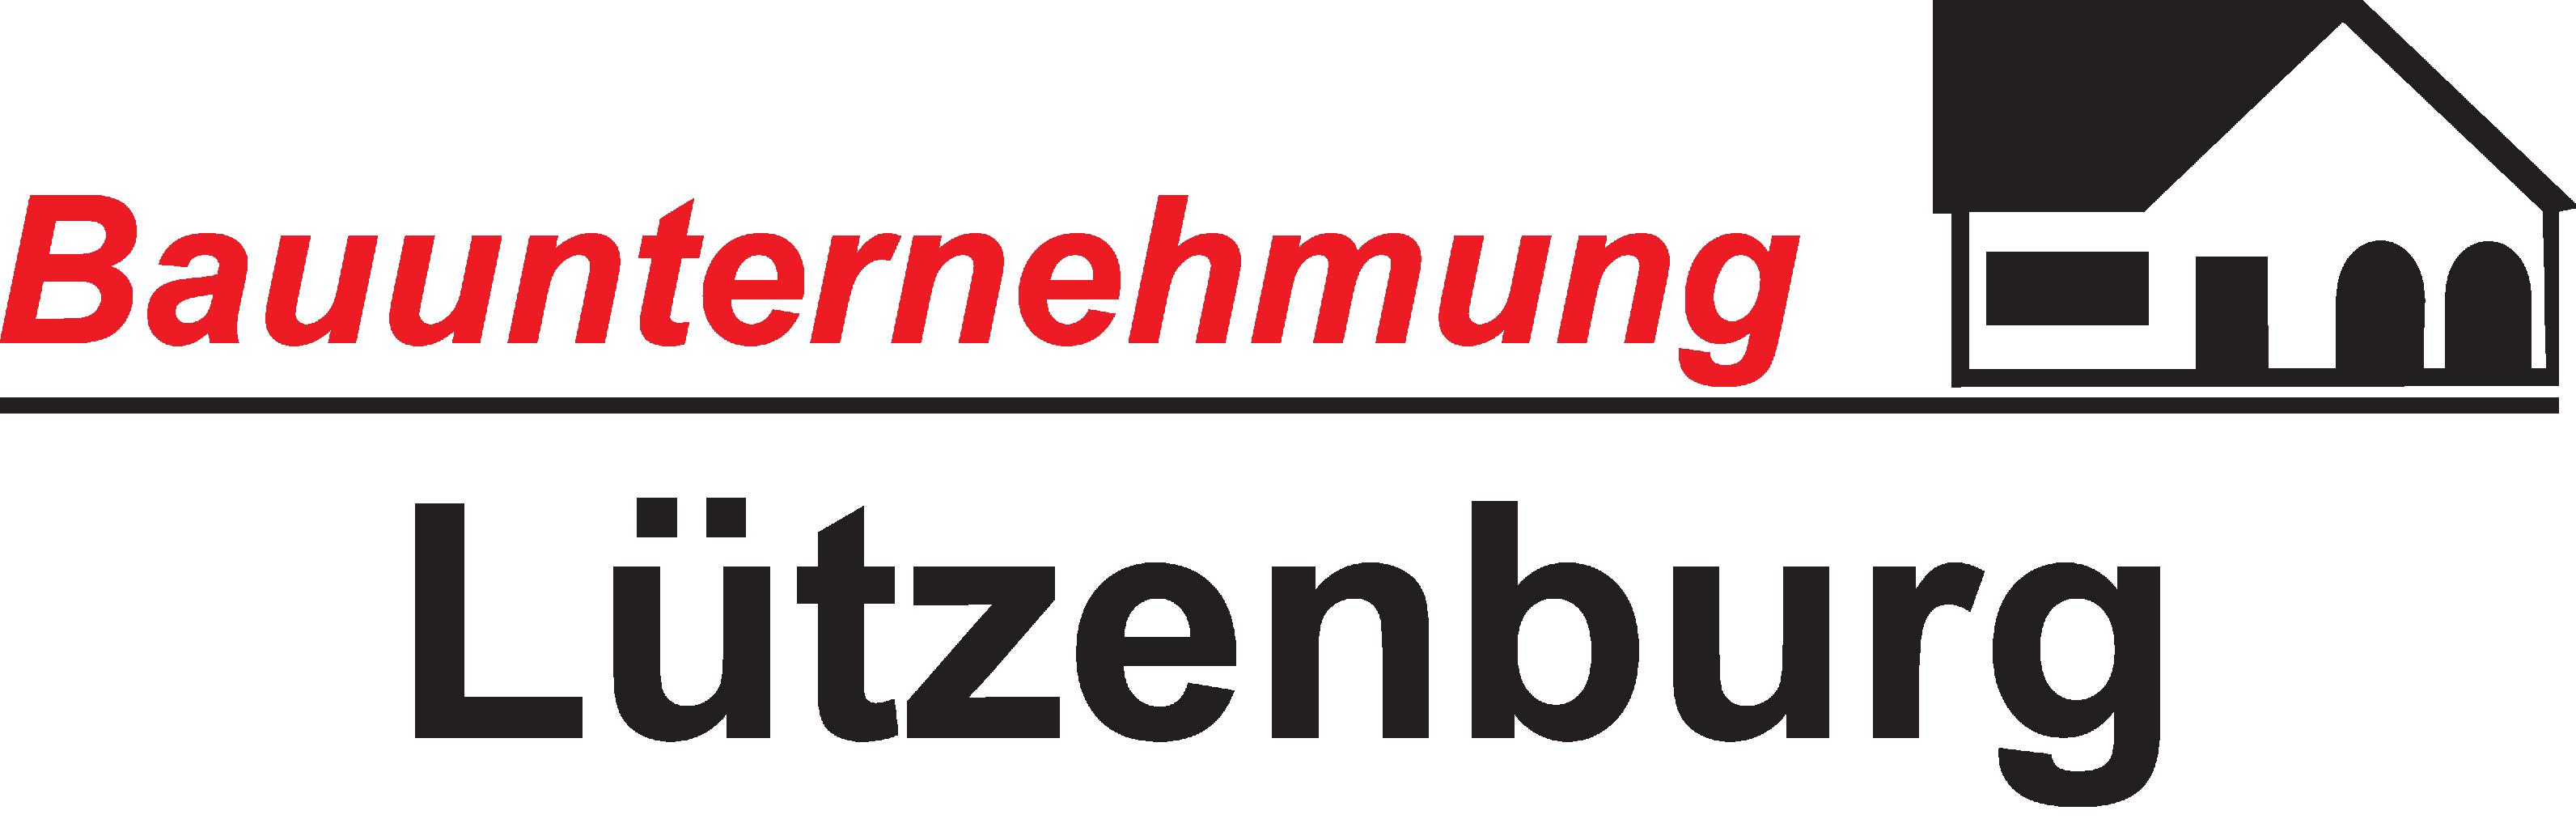 Bauunternehmung Lützenburg